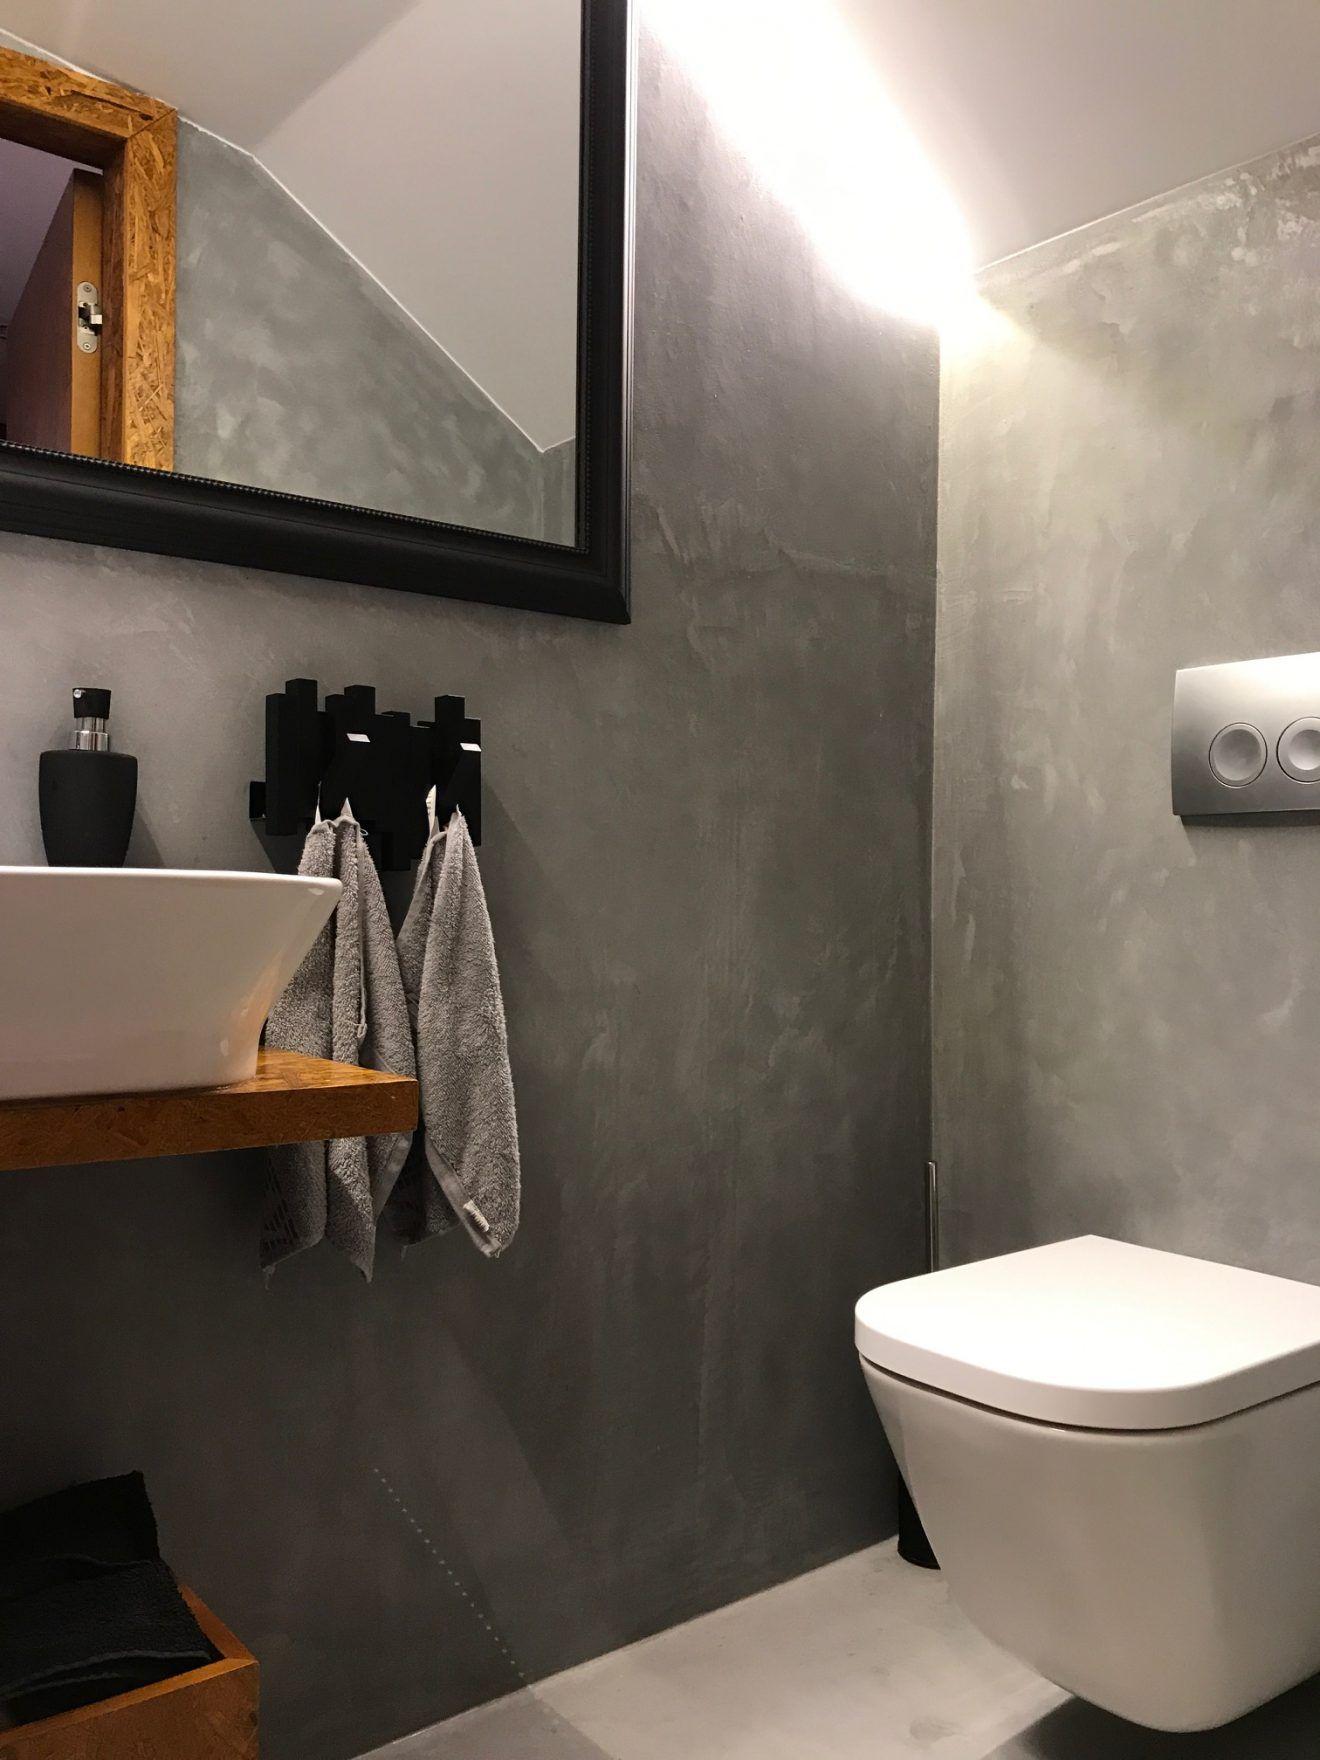 Beton W łazience Teraz Kiedy Surowość Jest Najbardziej